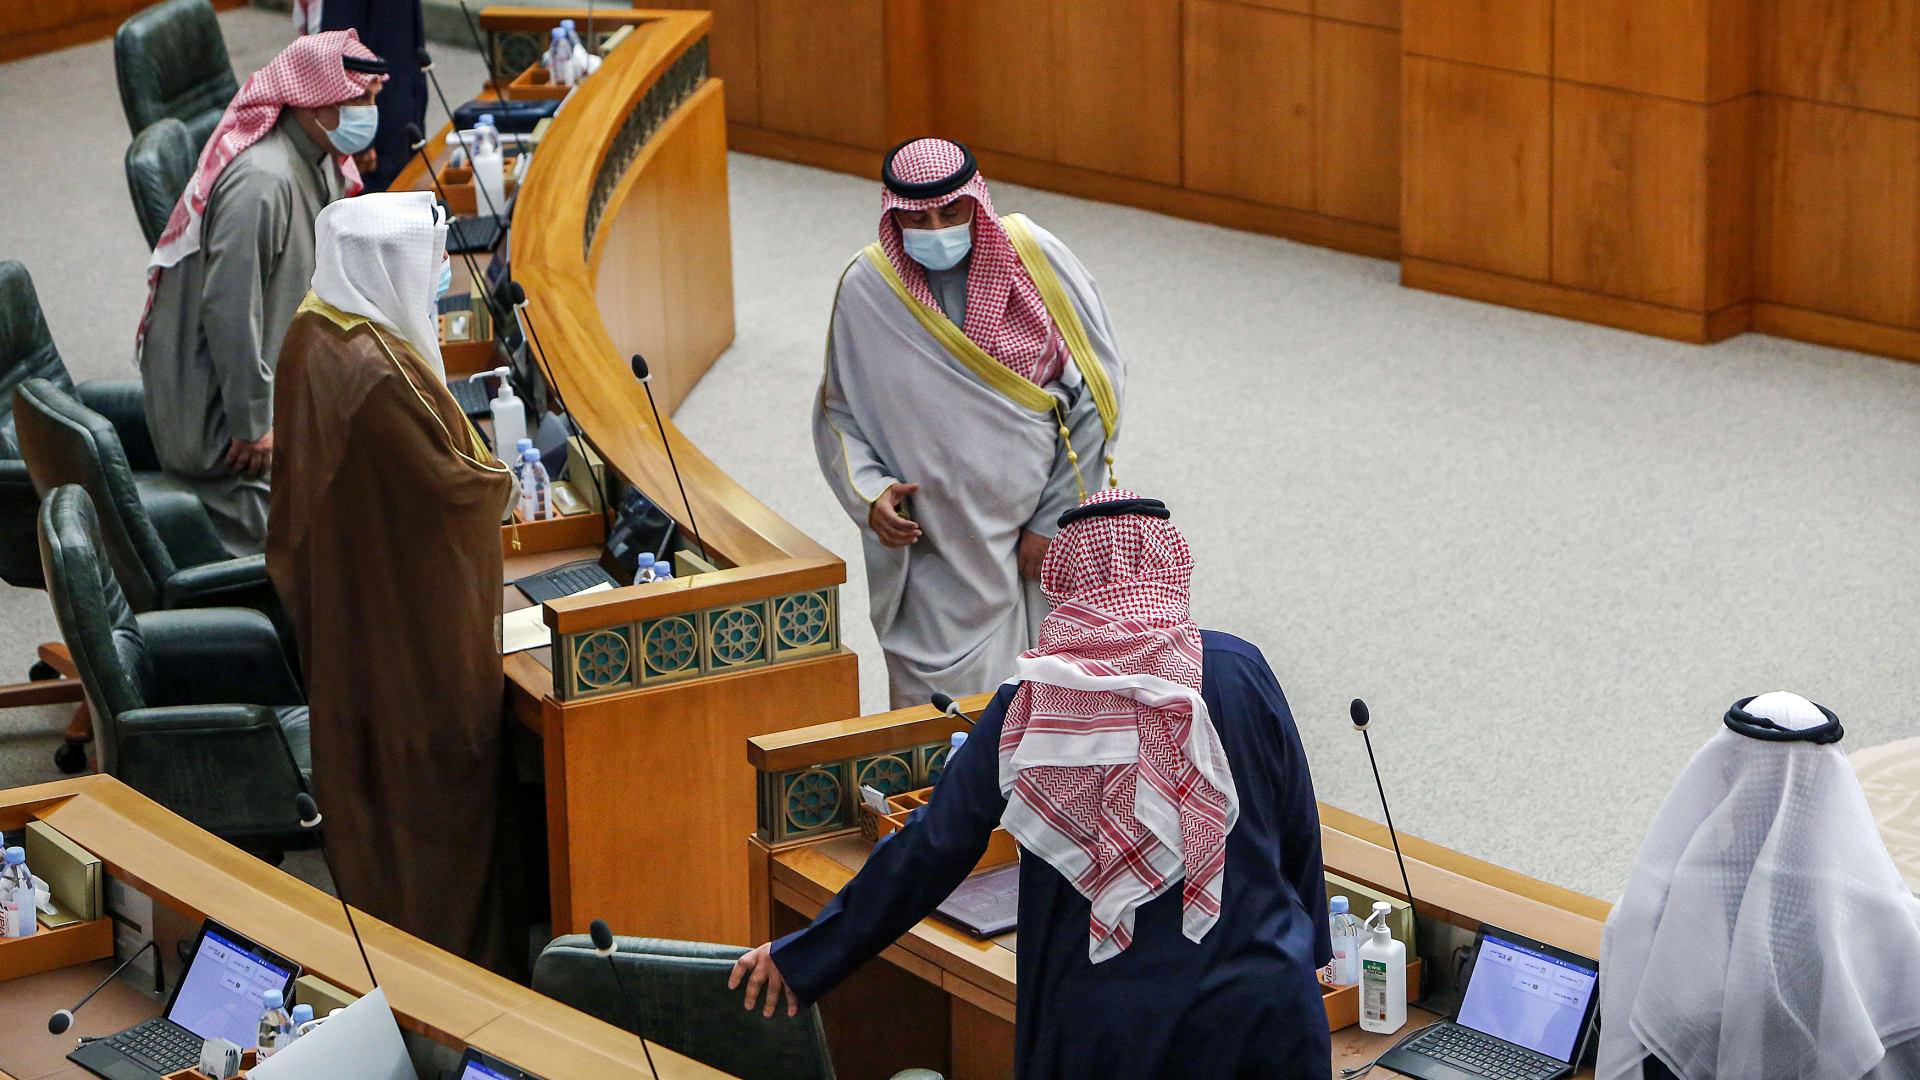 توجيه بسحب بلاغات ضد أعضاء بمجلس الامة الكويتي خالفوا إجراءات كورونا